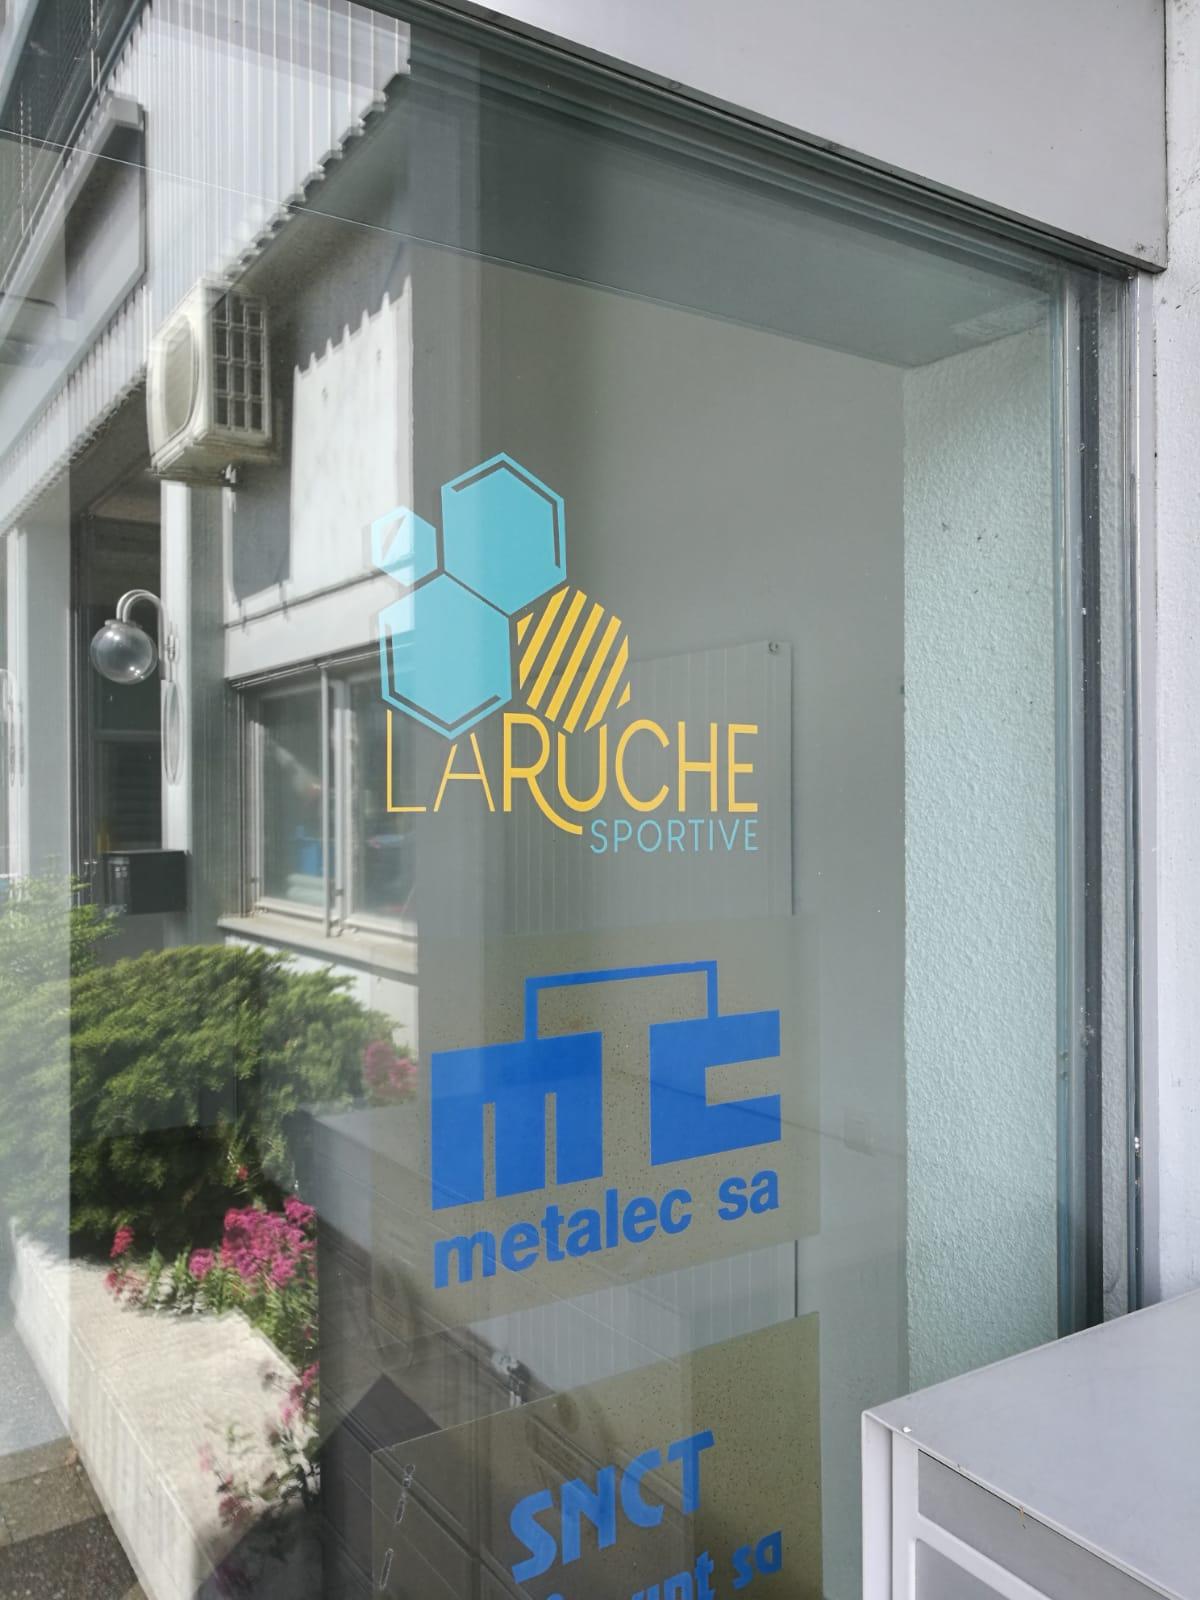 Enseignes publicitaires à Lausanne, renens, centre sportif, autocollant, bâches (2)